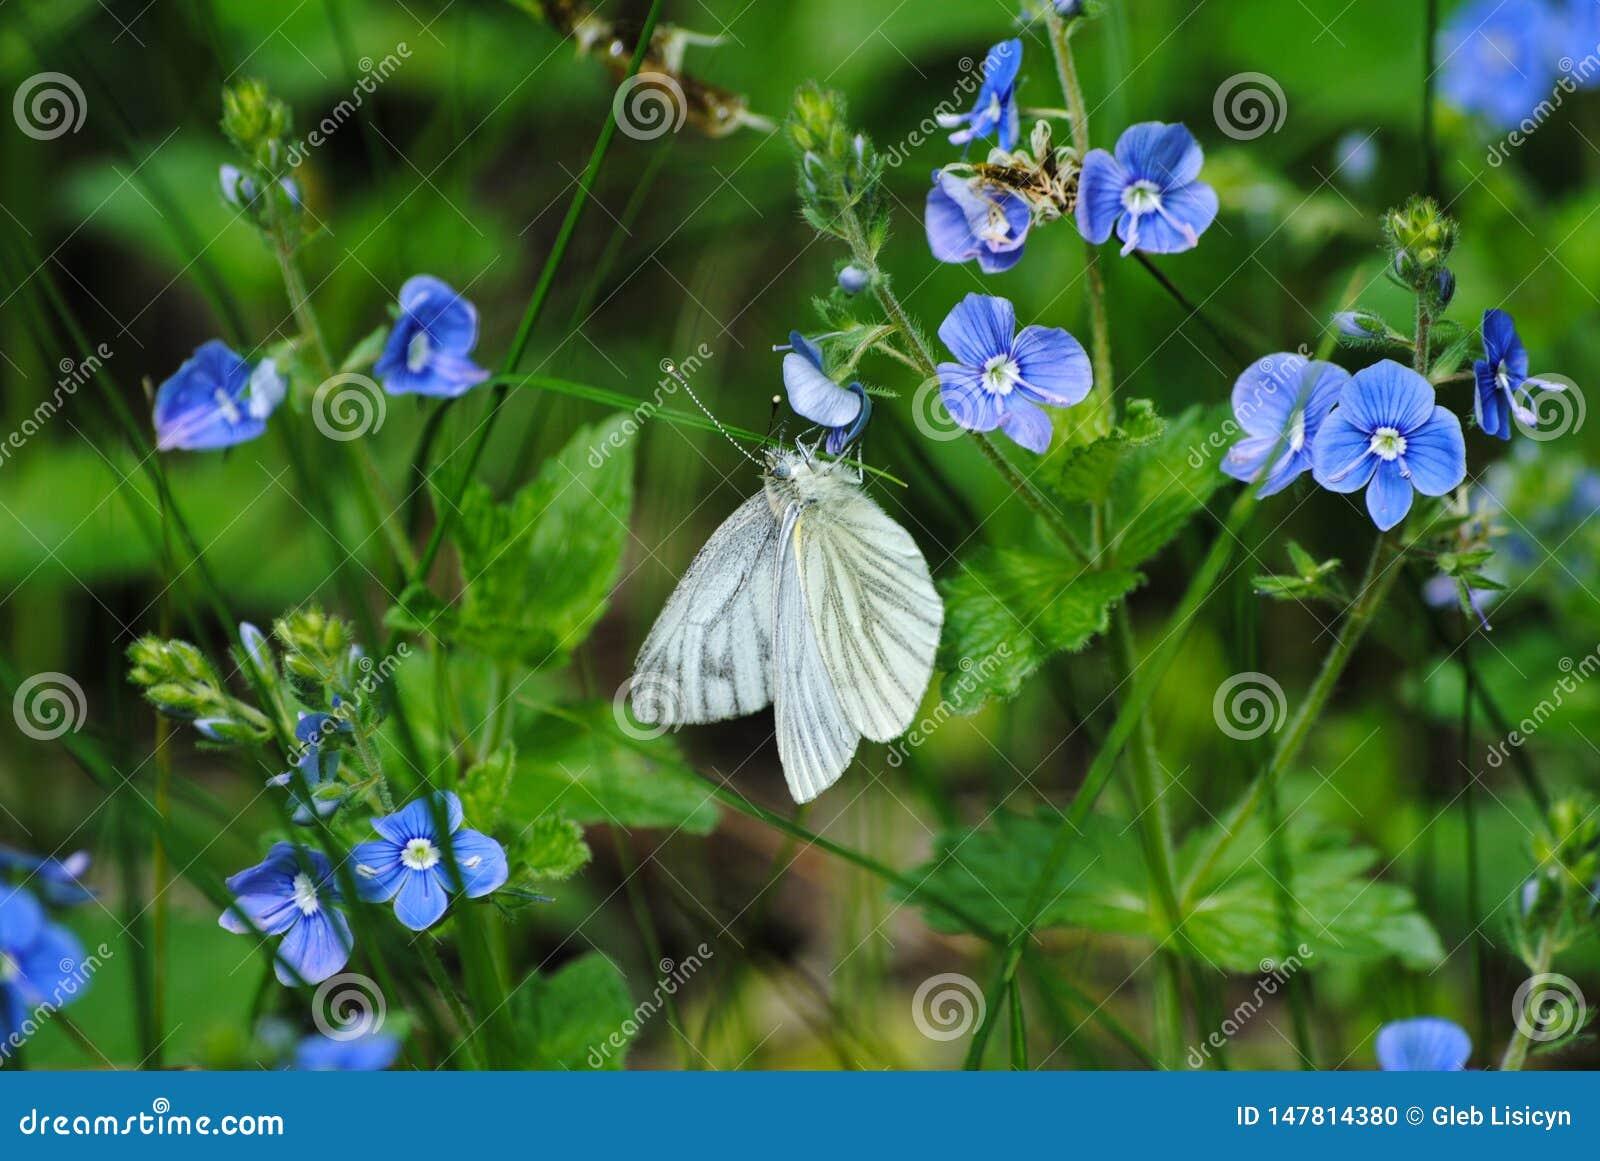 Άσπρη πεταλούδα σε ένα λουλούδι